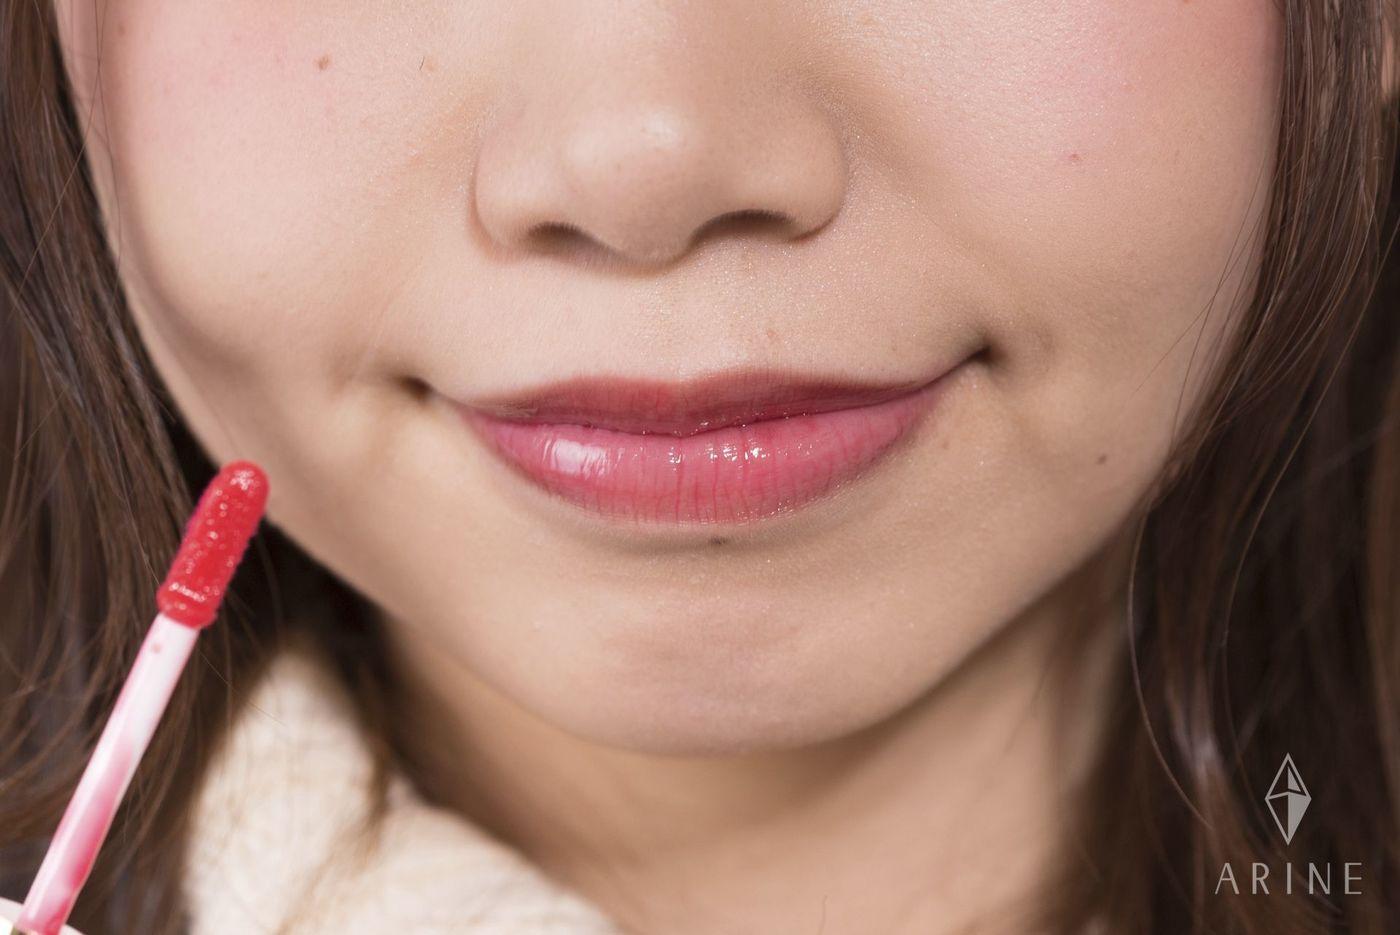 全色スウォッチ!キャンメイク《リップティントシロップ》でうる唇にの2枚目の画像